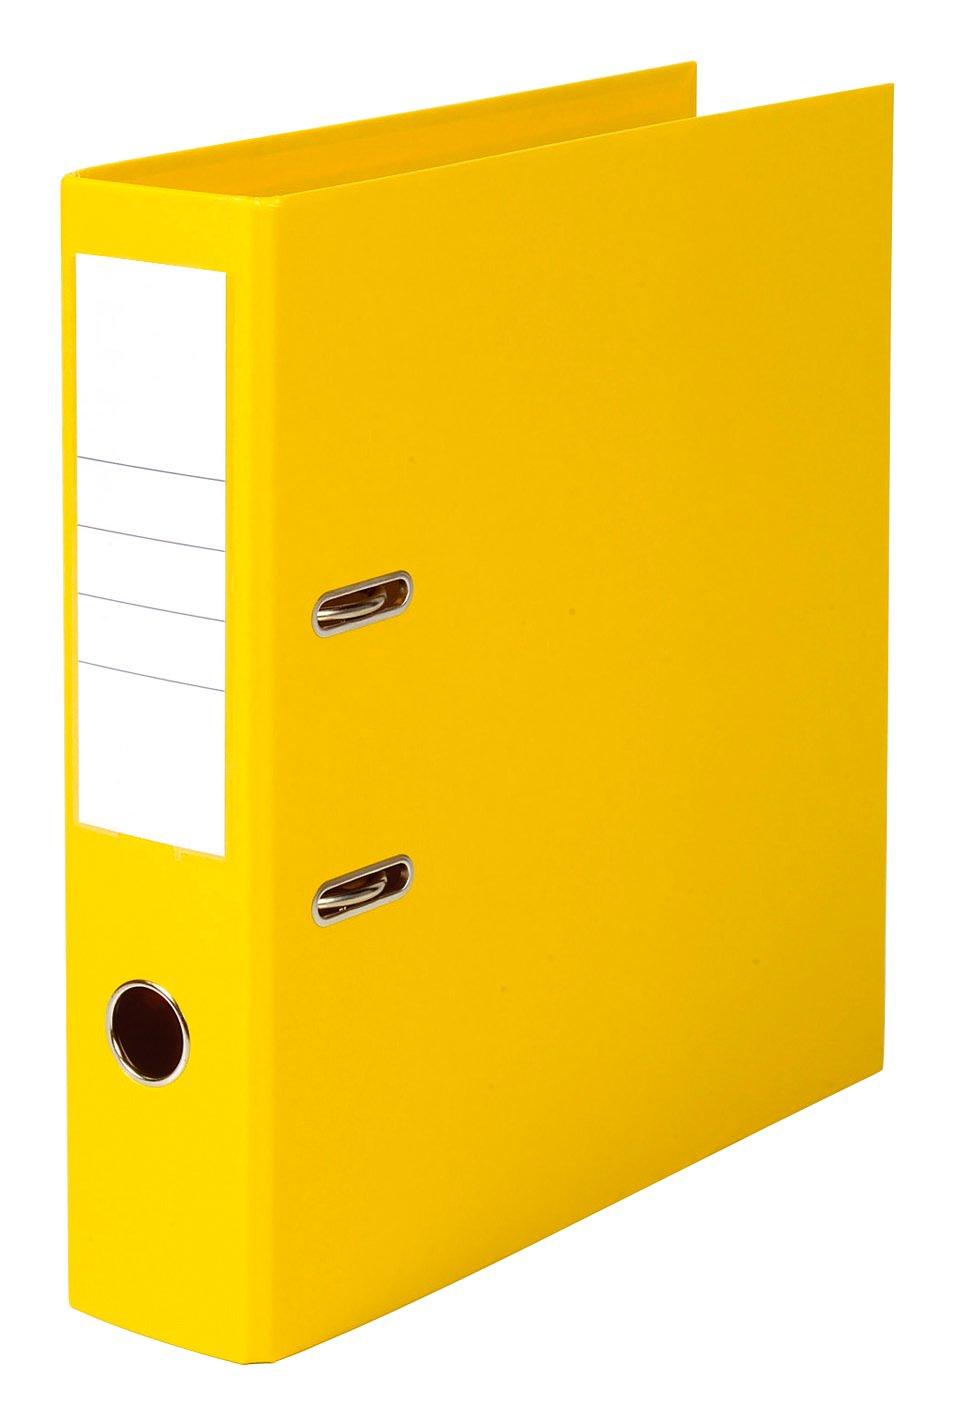 5 Etoiles 100023479 - de Juego de - archivadores de palanca (10 unidades, ancho de 5 cm, polipropileno), color amarillo e1b685